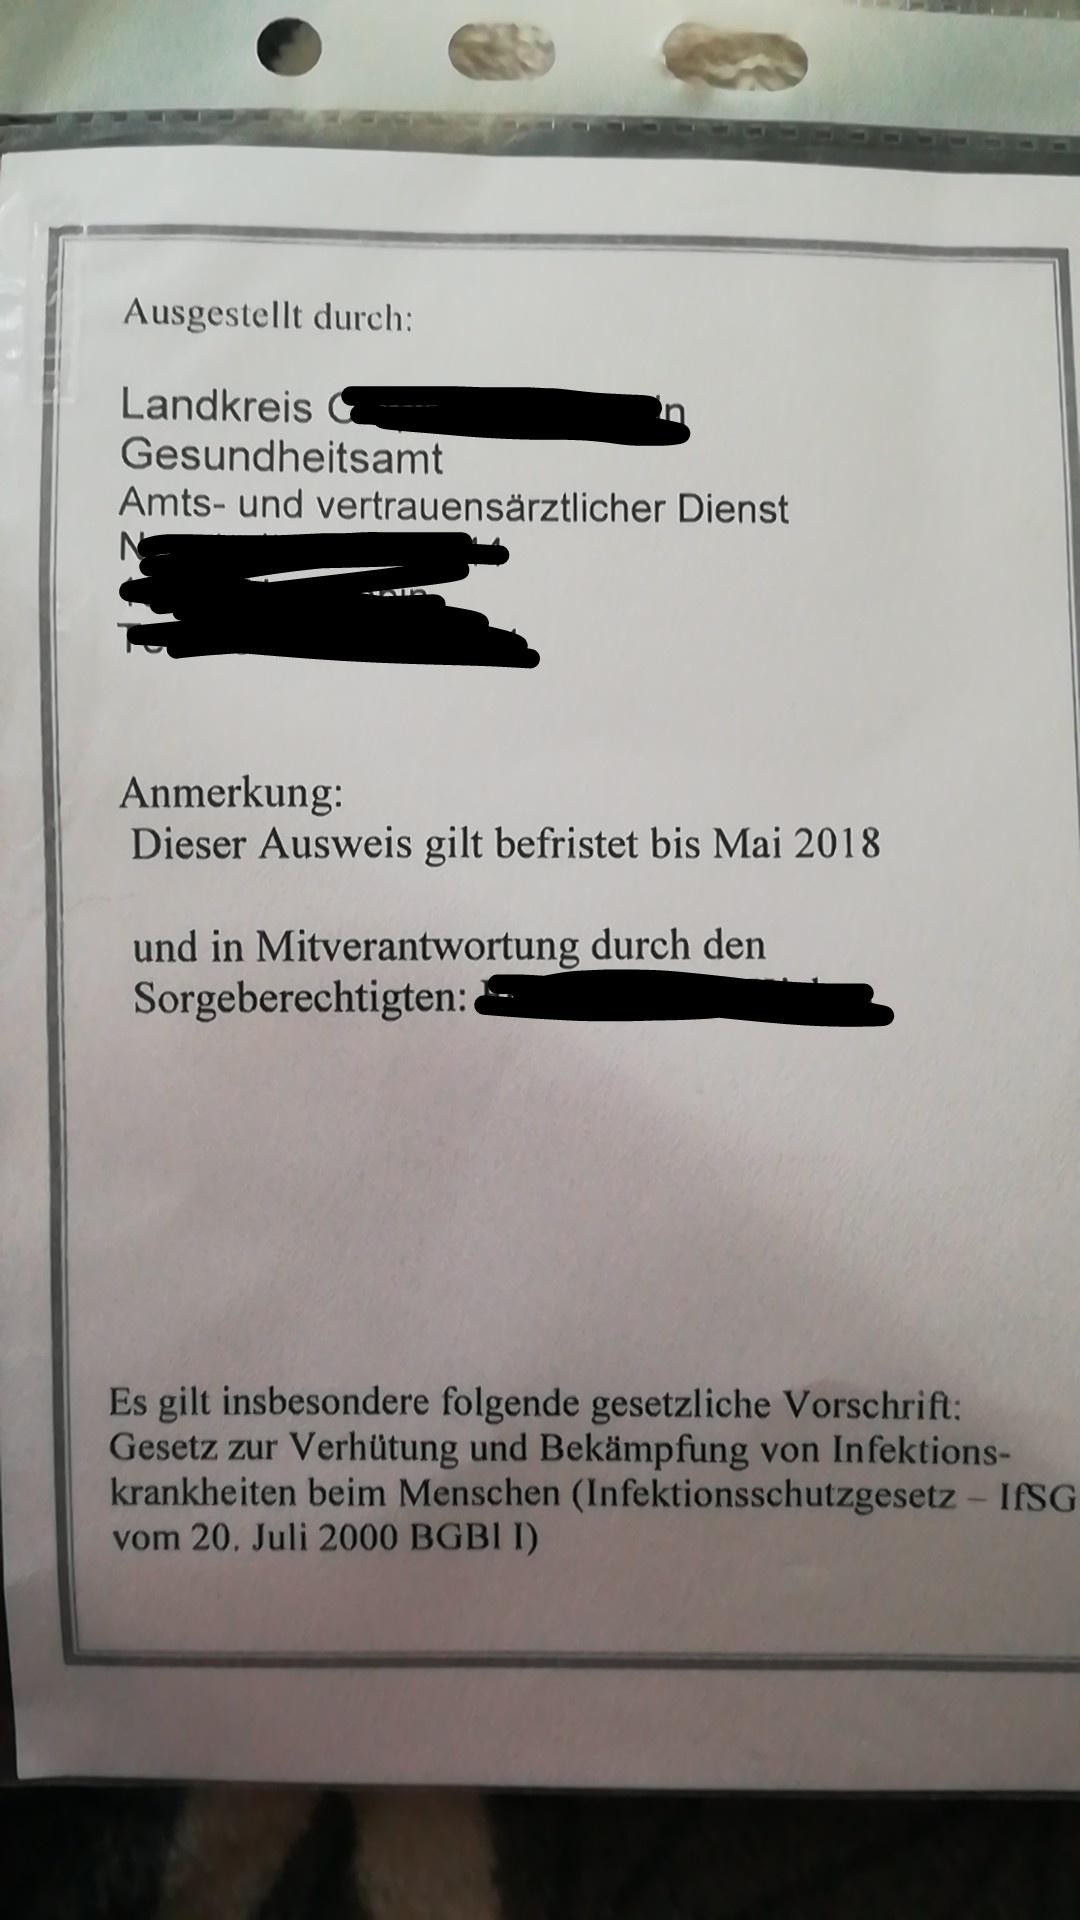 Rote Karte Gesundheitsamt Berlin.Gesundheitspass Nur Ein Jahr Gultig Gultigkeit